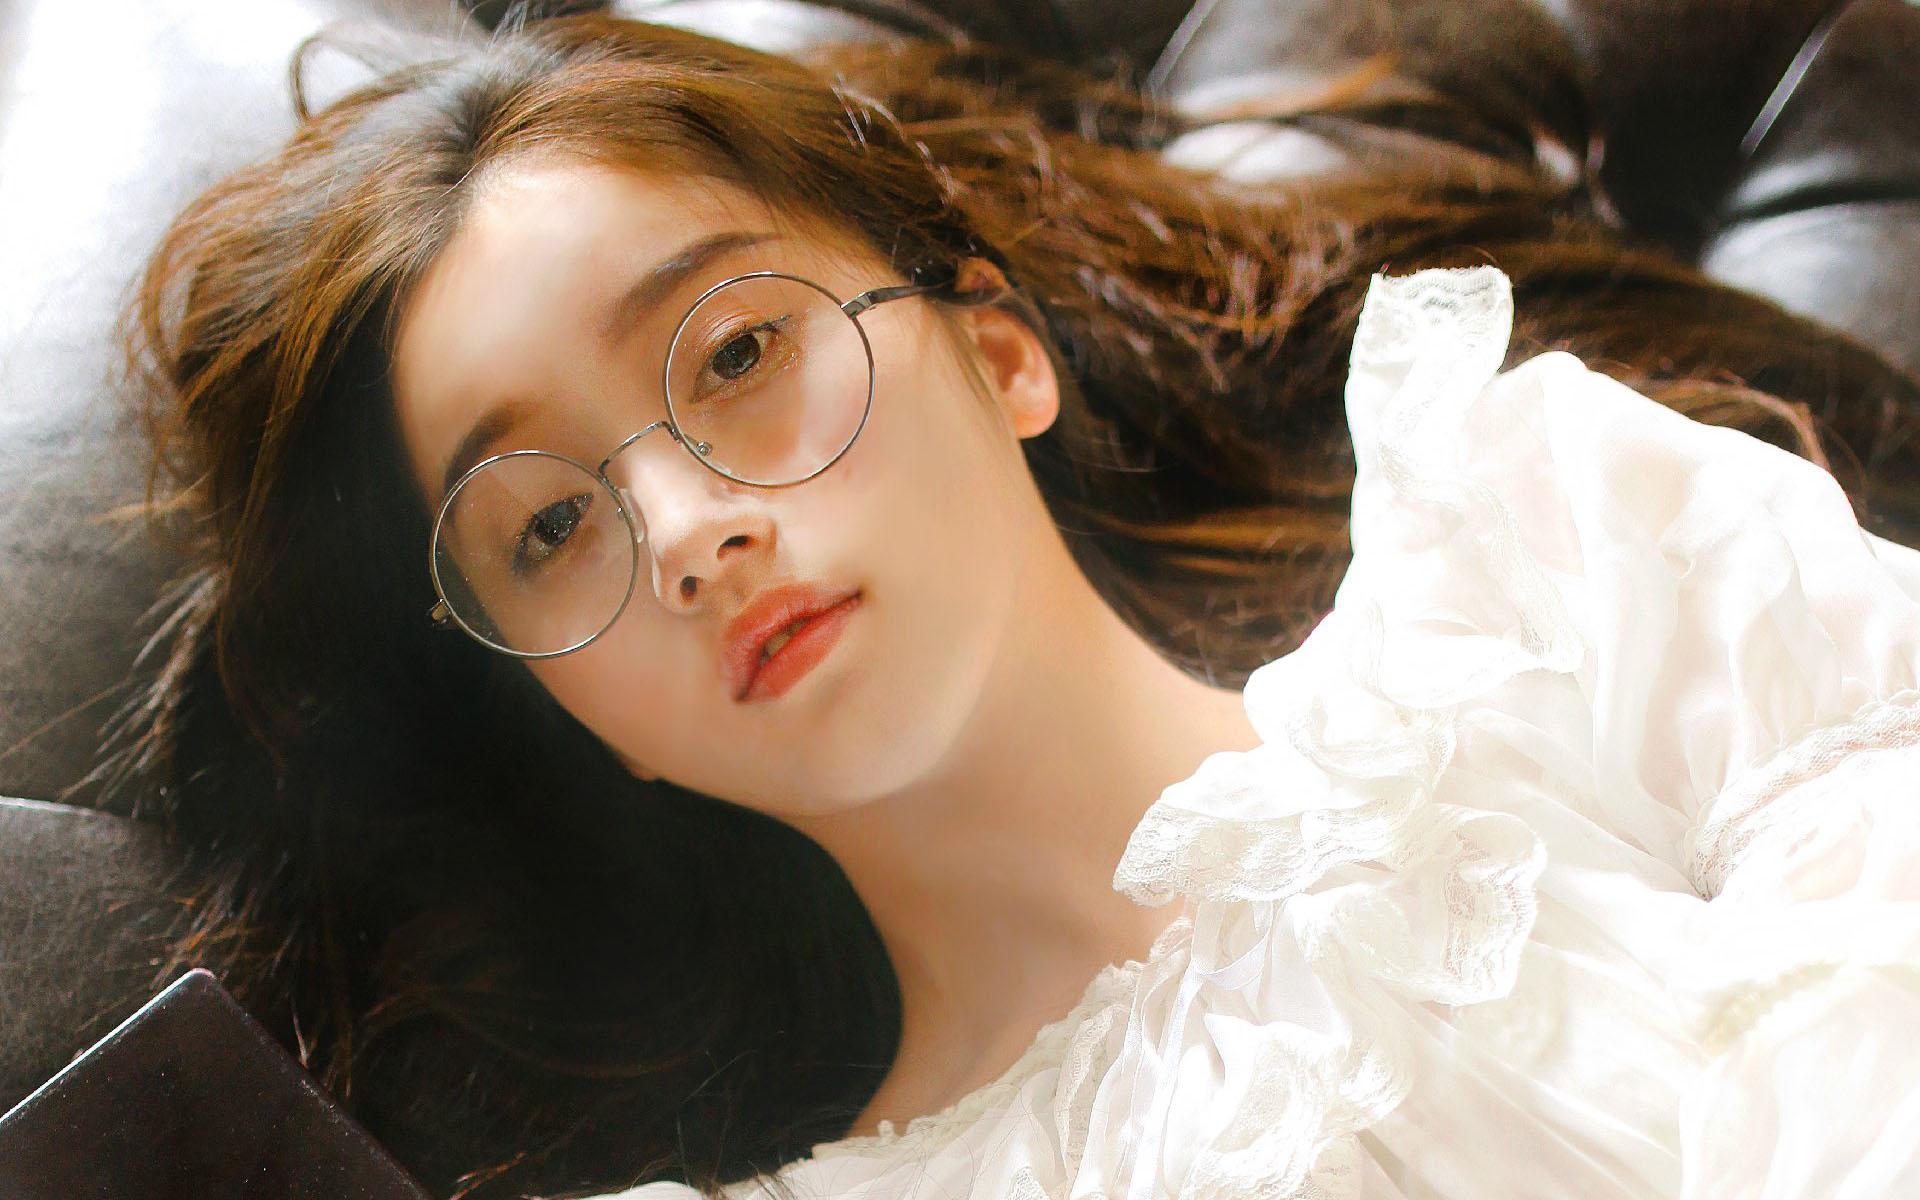 微风飞过蔷薇小说全文免费阅读 微风飞过蔷薇小说免费在线阅读